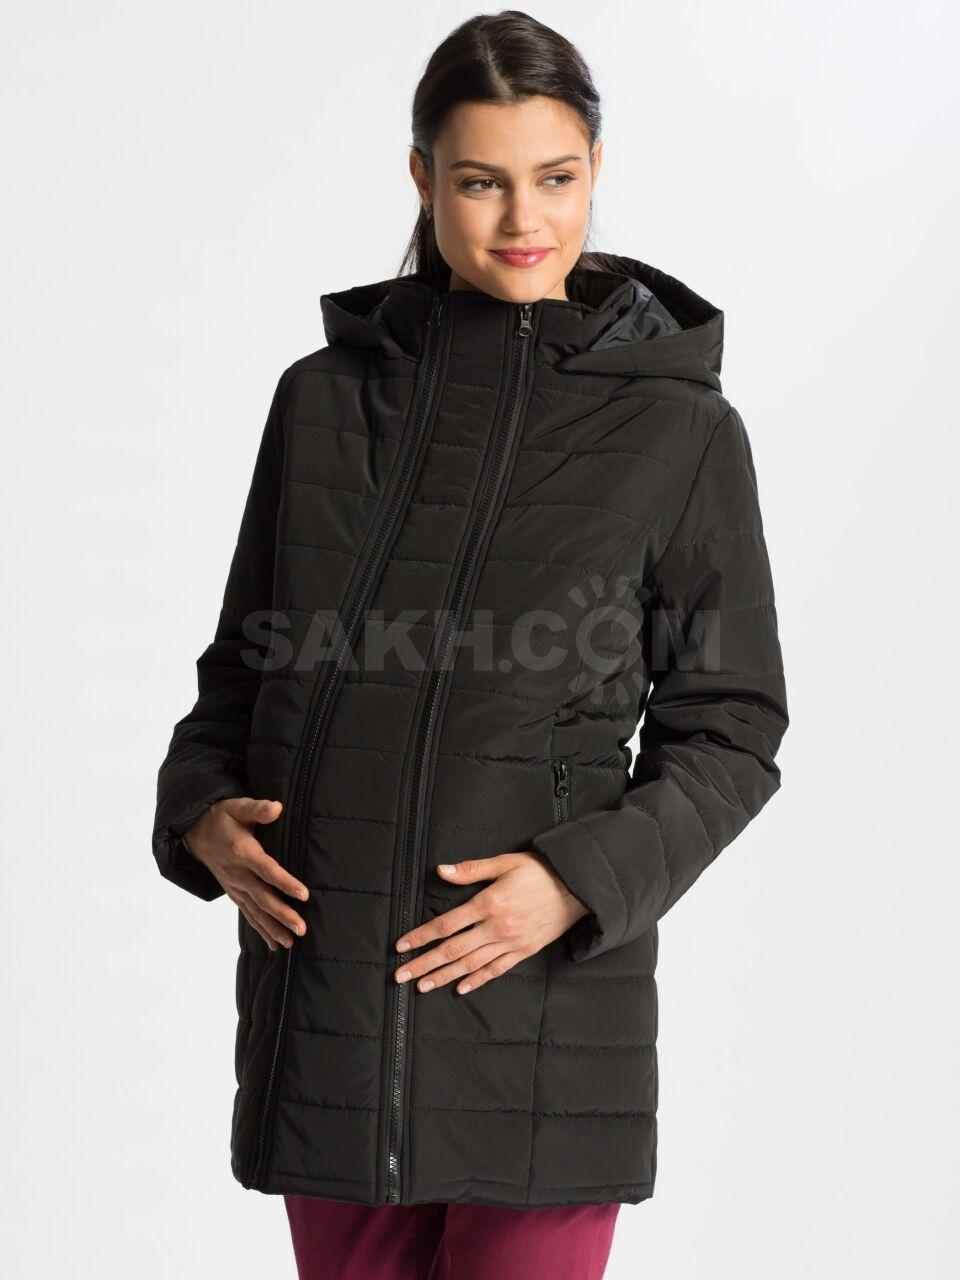 ea561c7867ea Демисезонная куртка для беременных. Размер 50. Турция. - 4500 руб ...